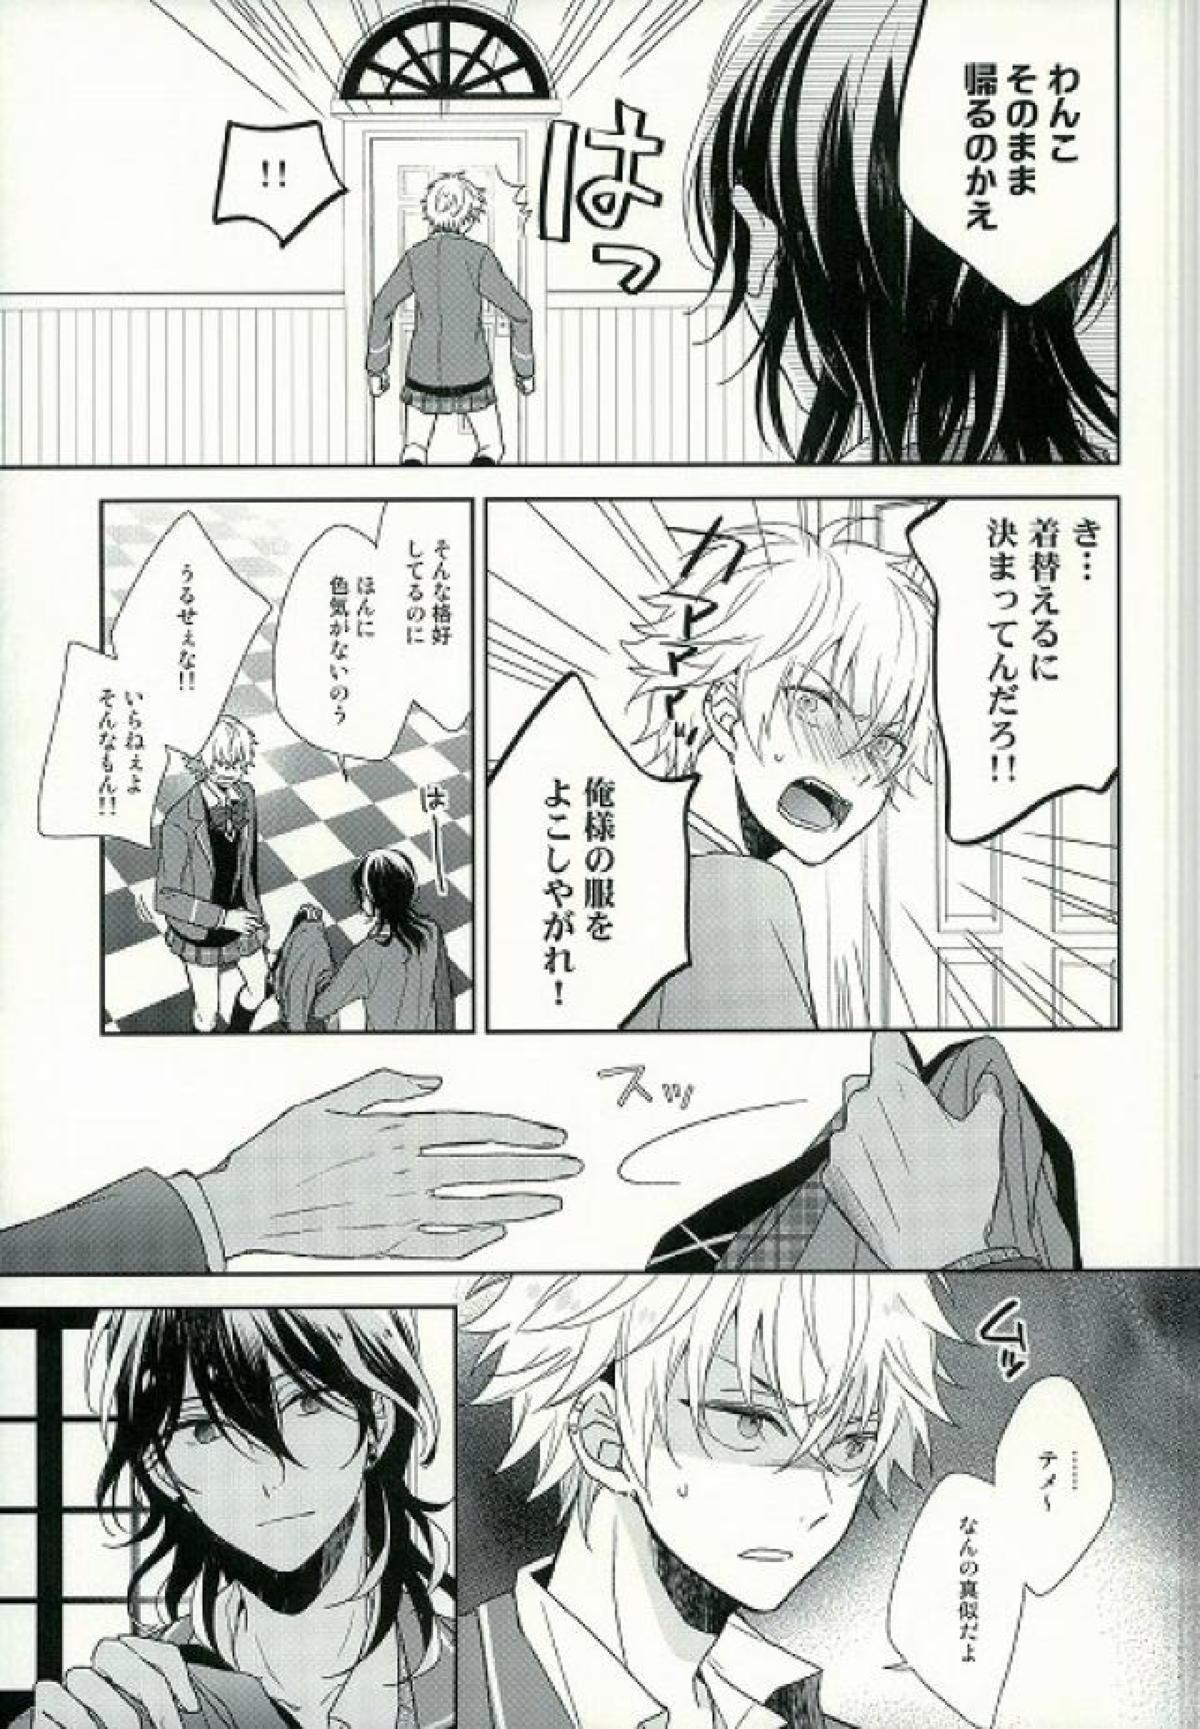 Seifuku Resistance 5